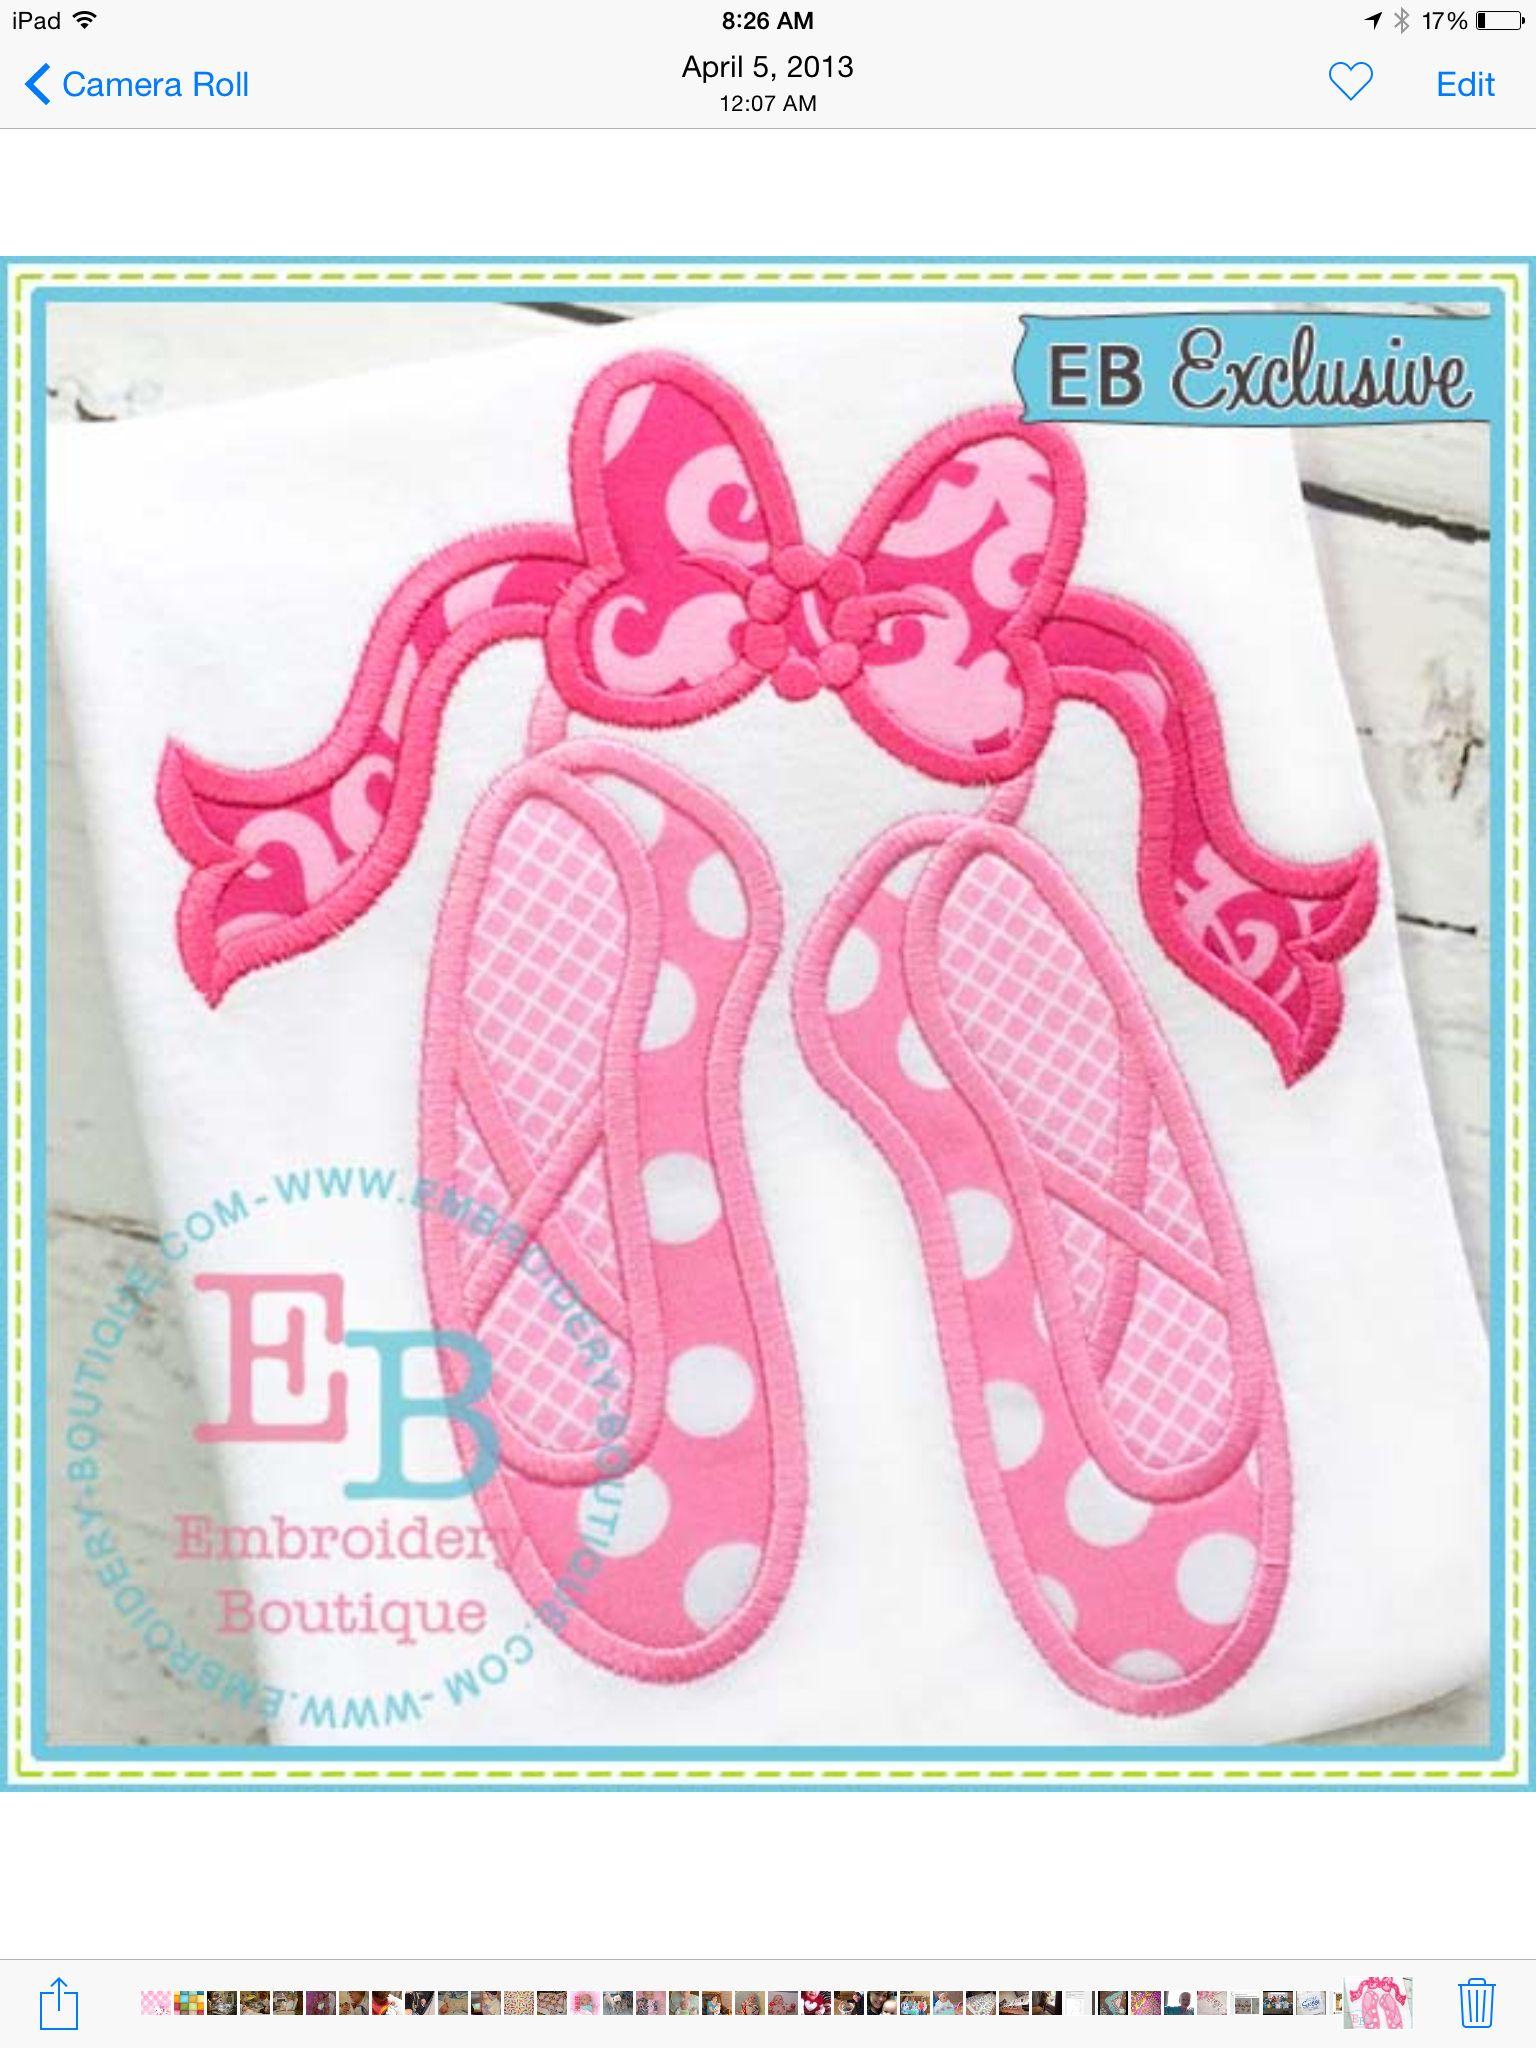 Ballet Shoes Embroidery Boutique Designs Pinterest Ballet Shoe